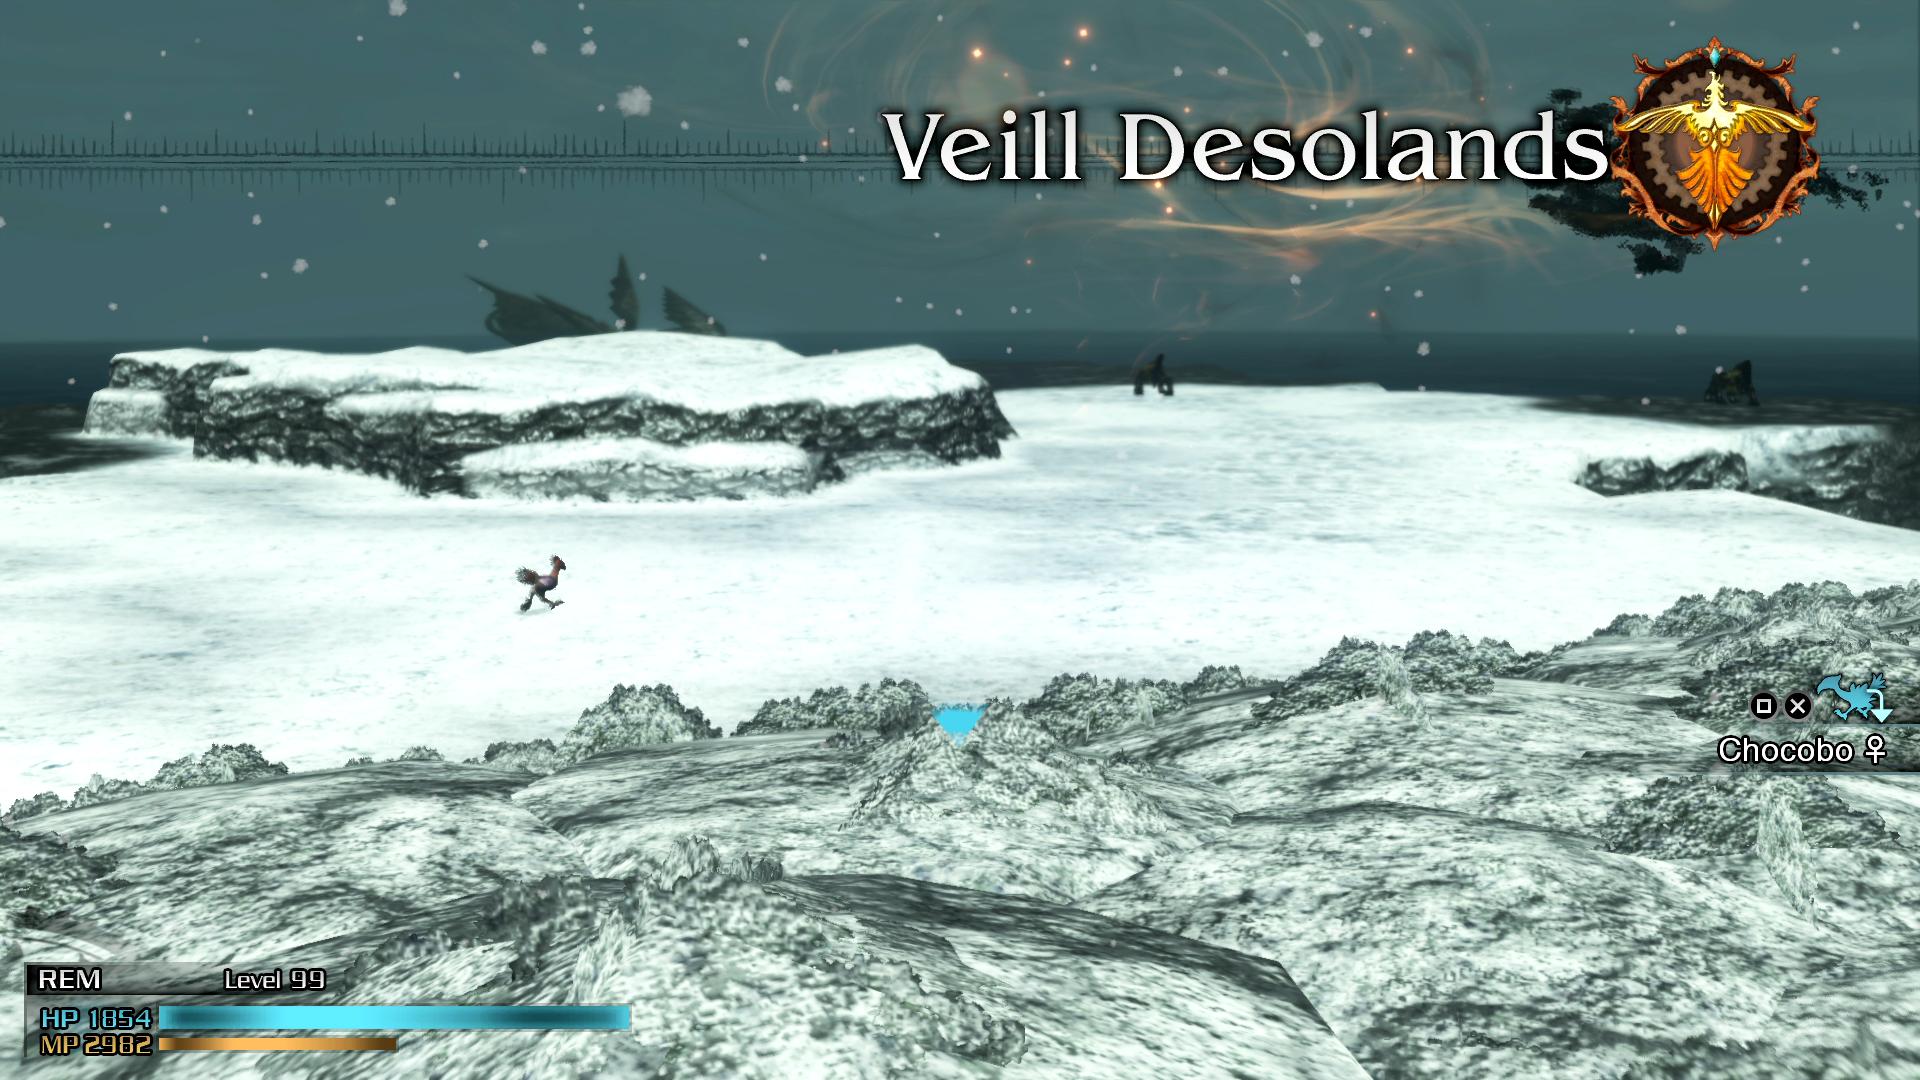 Veill Desolands